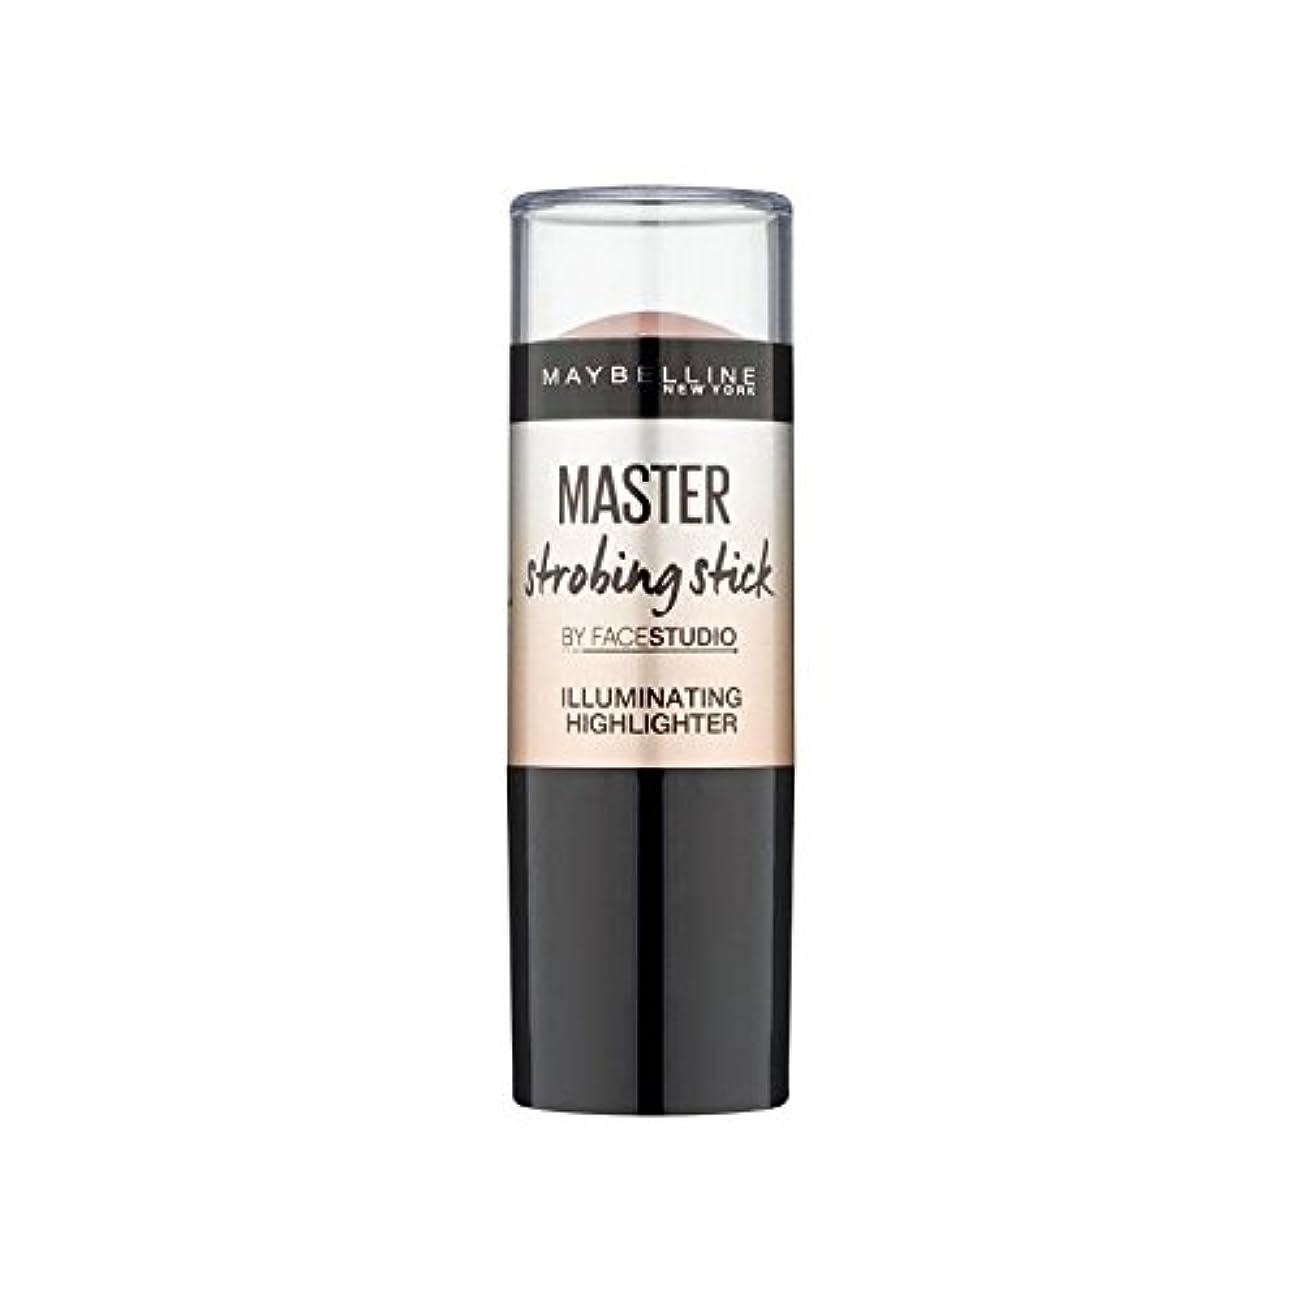 スポーツをするゲージ電気陽性メイベリンマスターストロボスティックライト x4 - Maybelline Master Strobing Stick Light (Pack of 4) [並行輸入品]